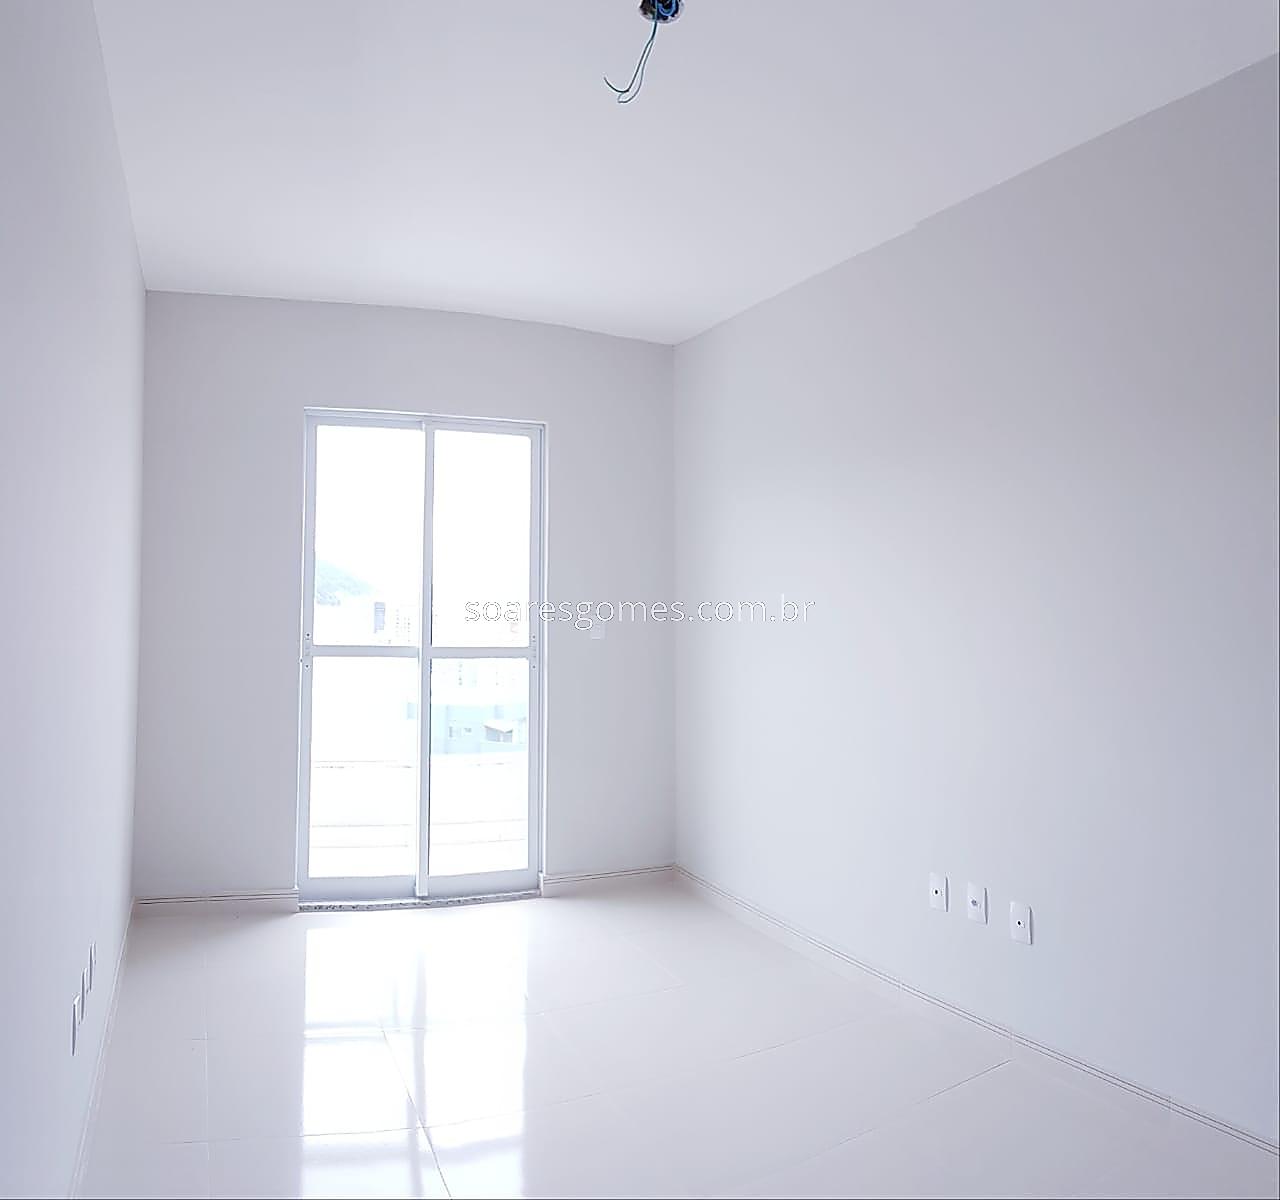 Apartamento à venda em Granbery, Juiz de Fora - MG - Foto 4